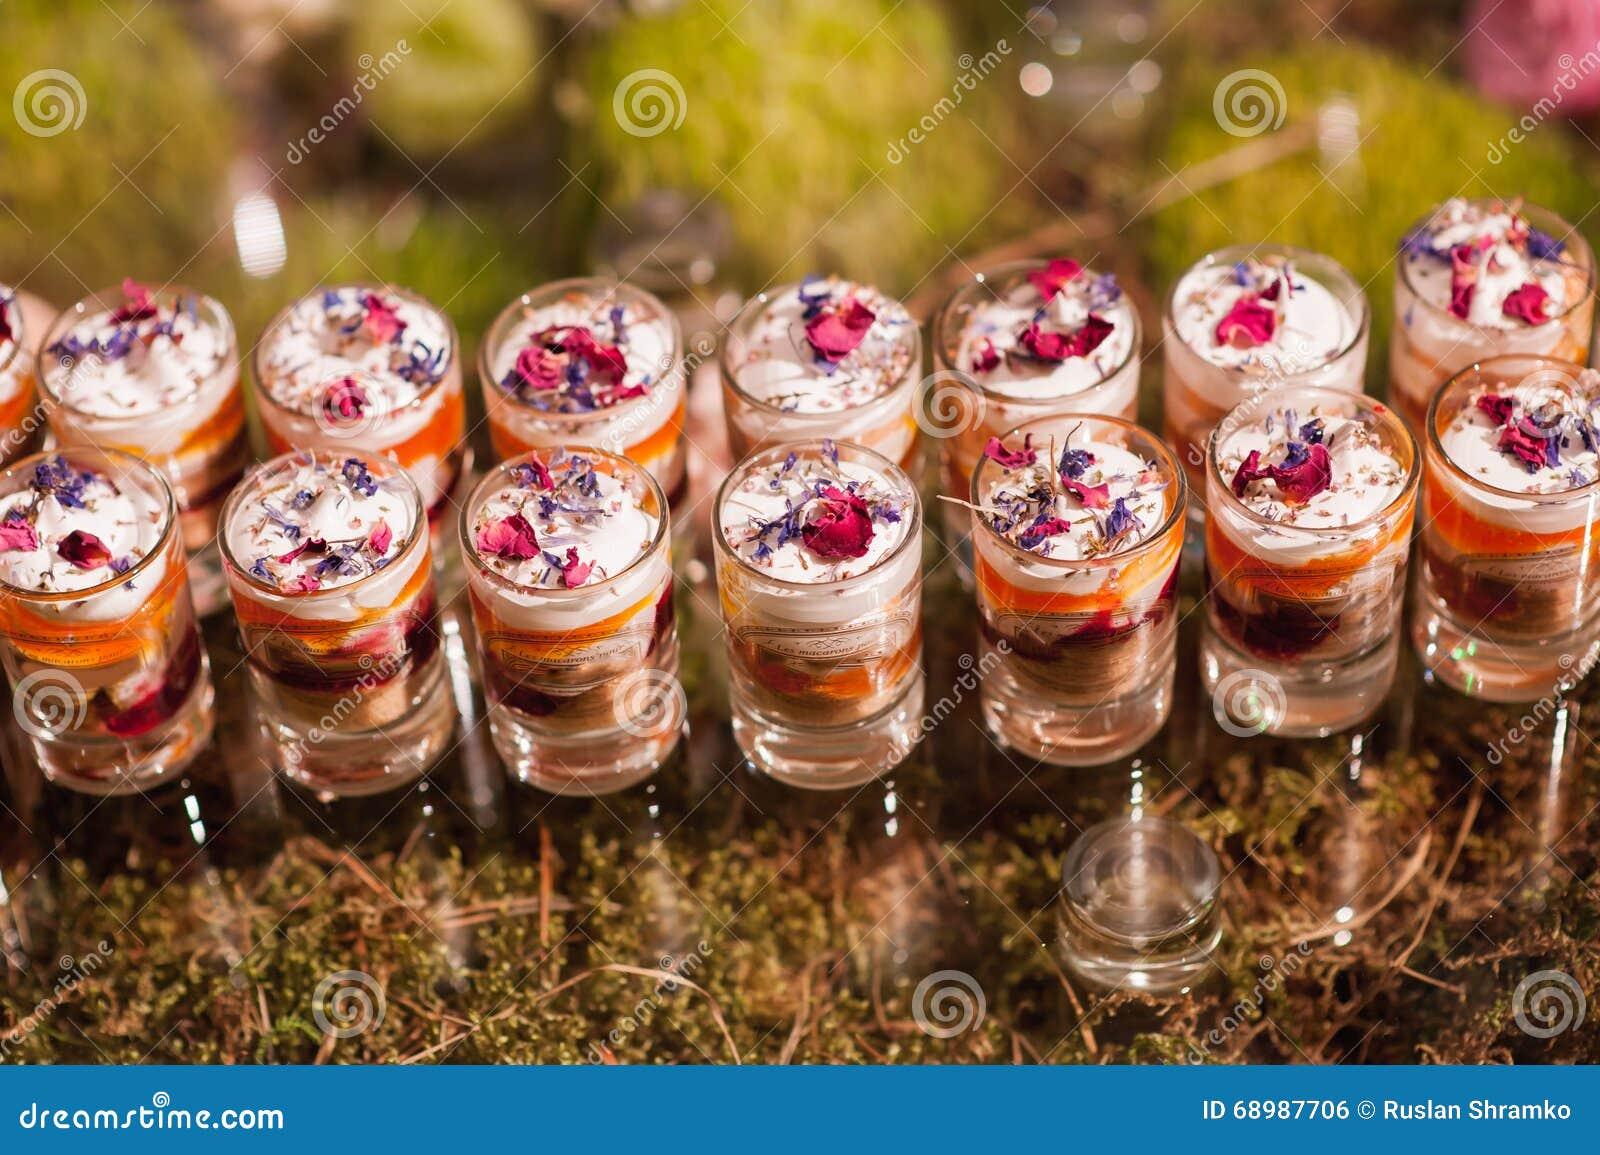 Servicio hecho en casa del yogur sobre el vidrio corto